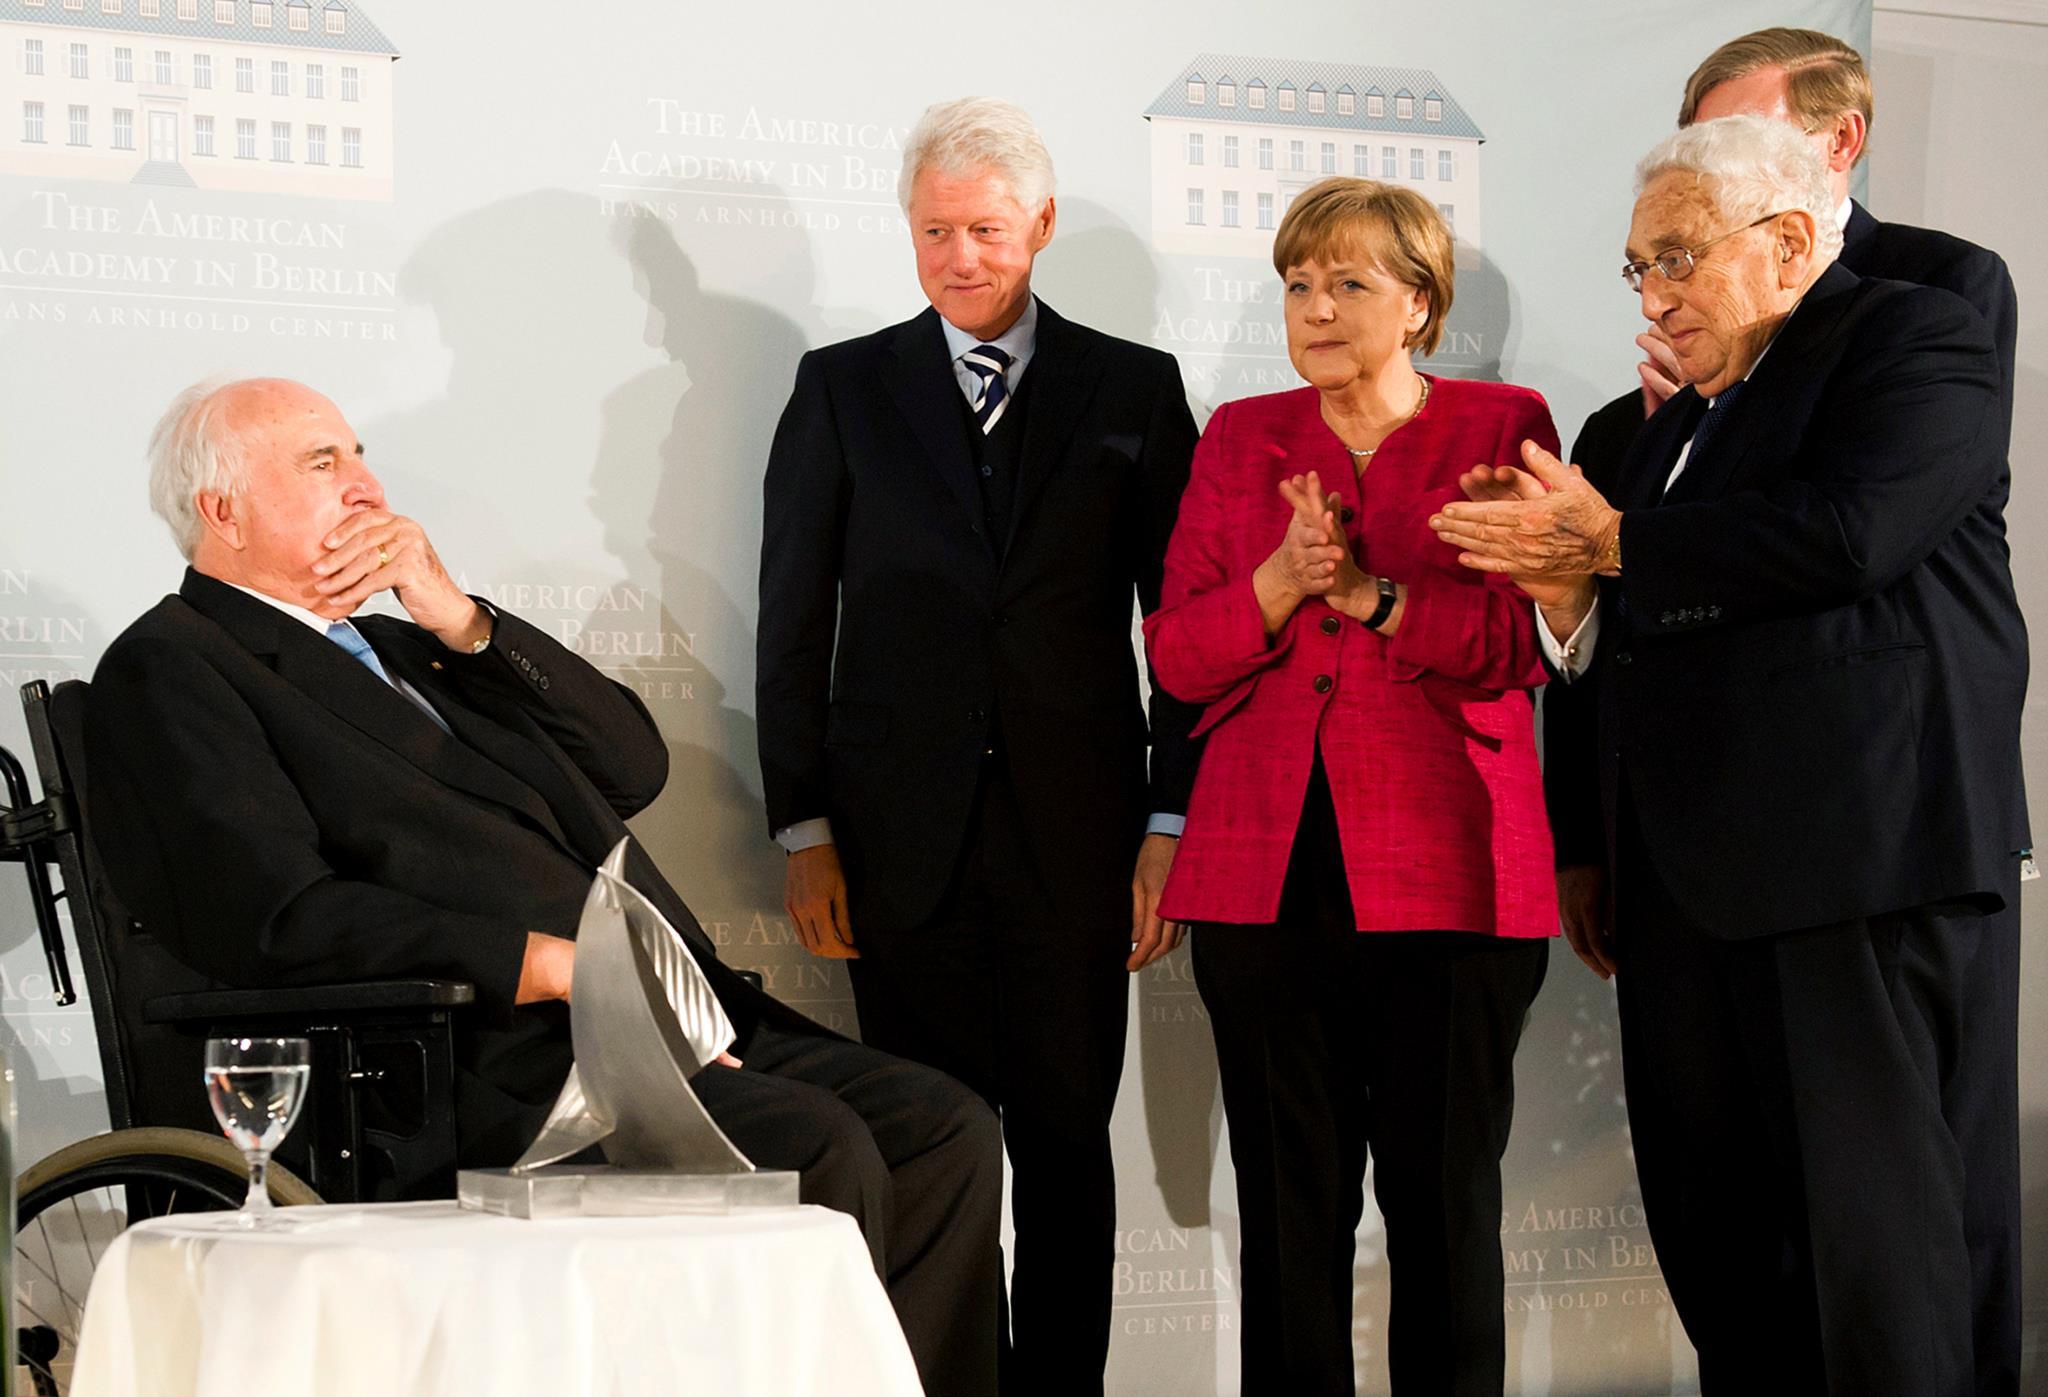 Helmut Kohl com Bill Clinton, Angela Merkel e Henry Kissinger após receber o prémio Henry A. Kissinger pela Academia Americana, em Berlim, 2011